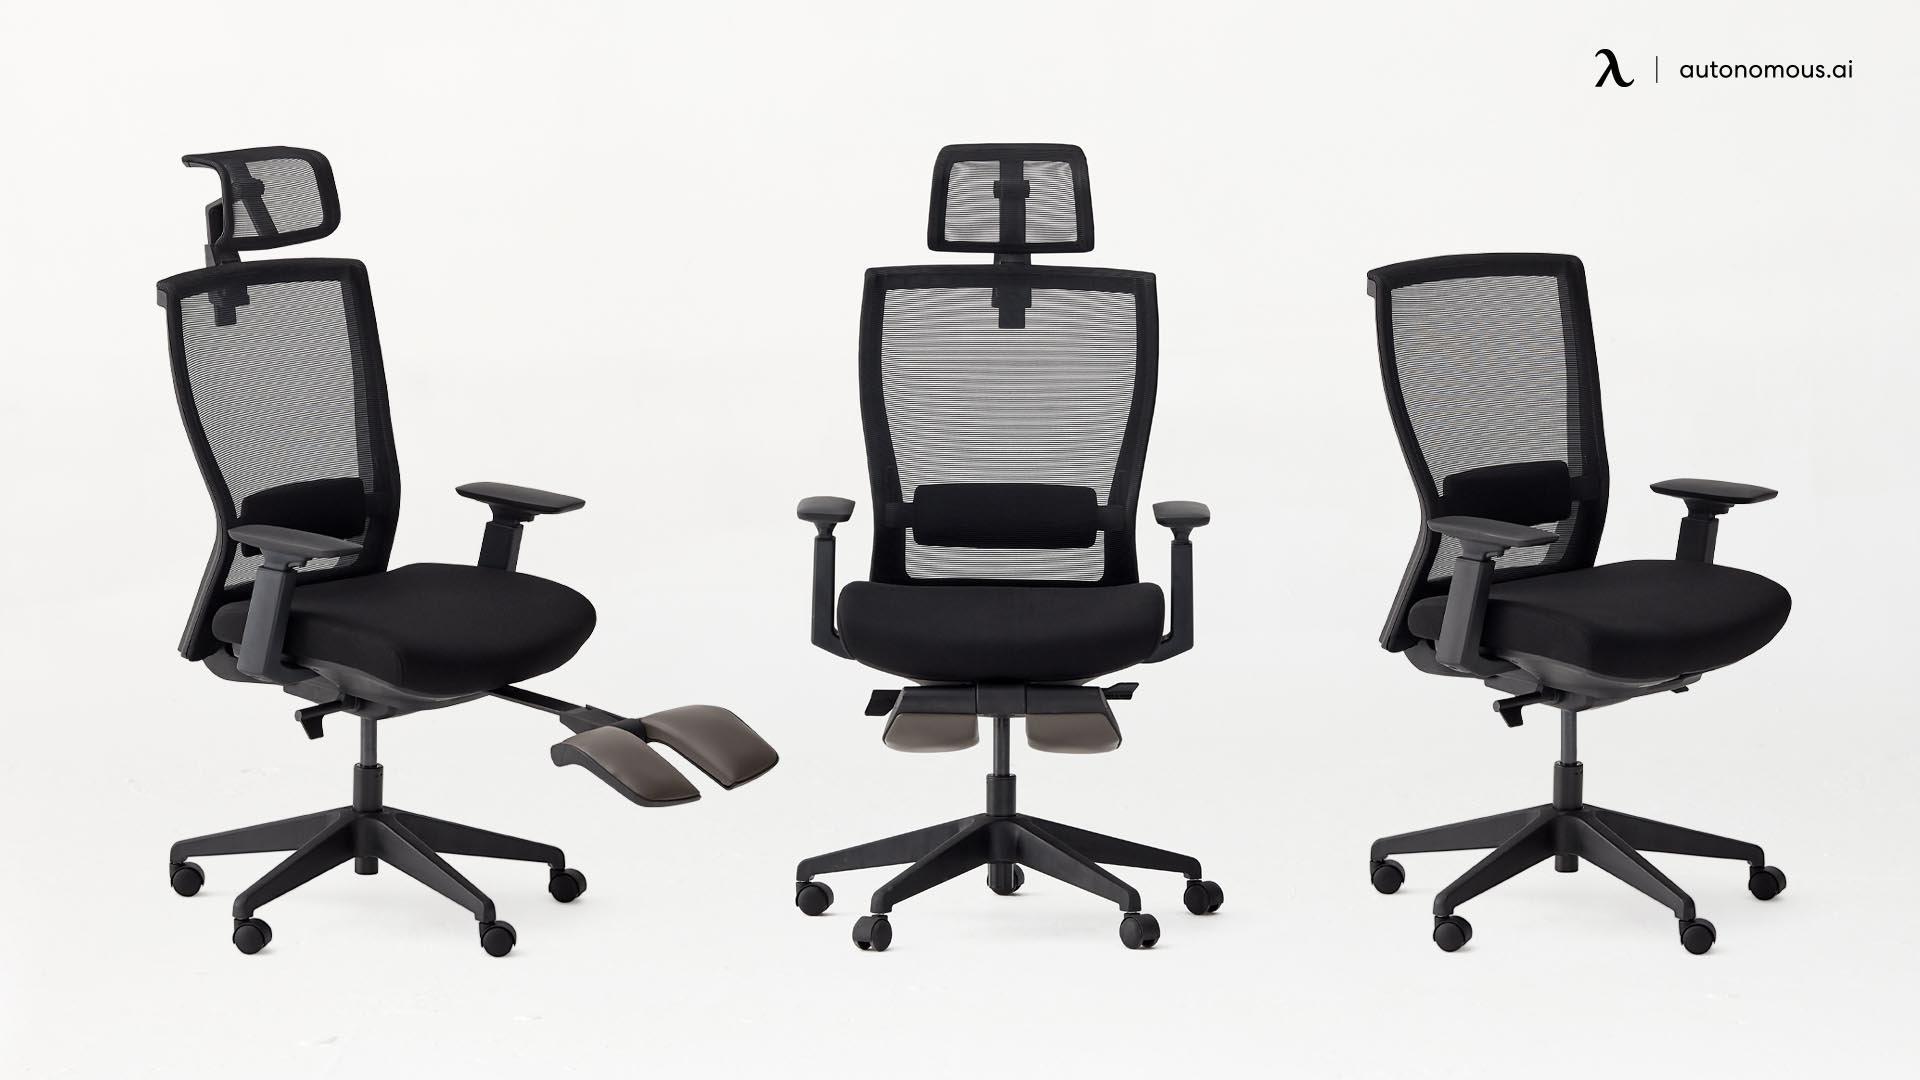 ErgoChair Core by Autonomous small space desk chair